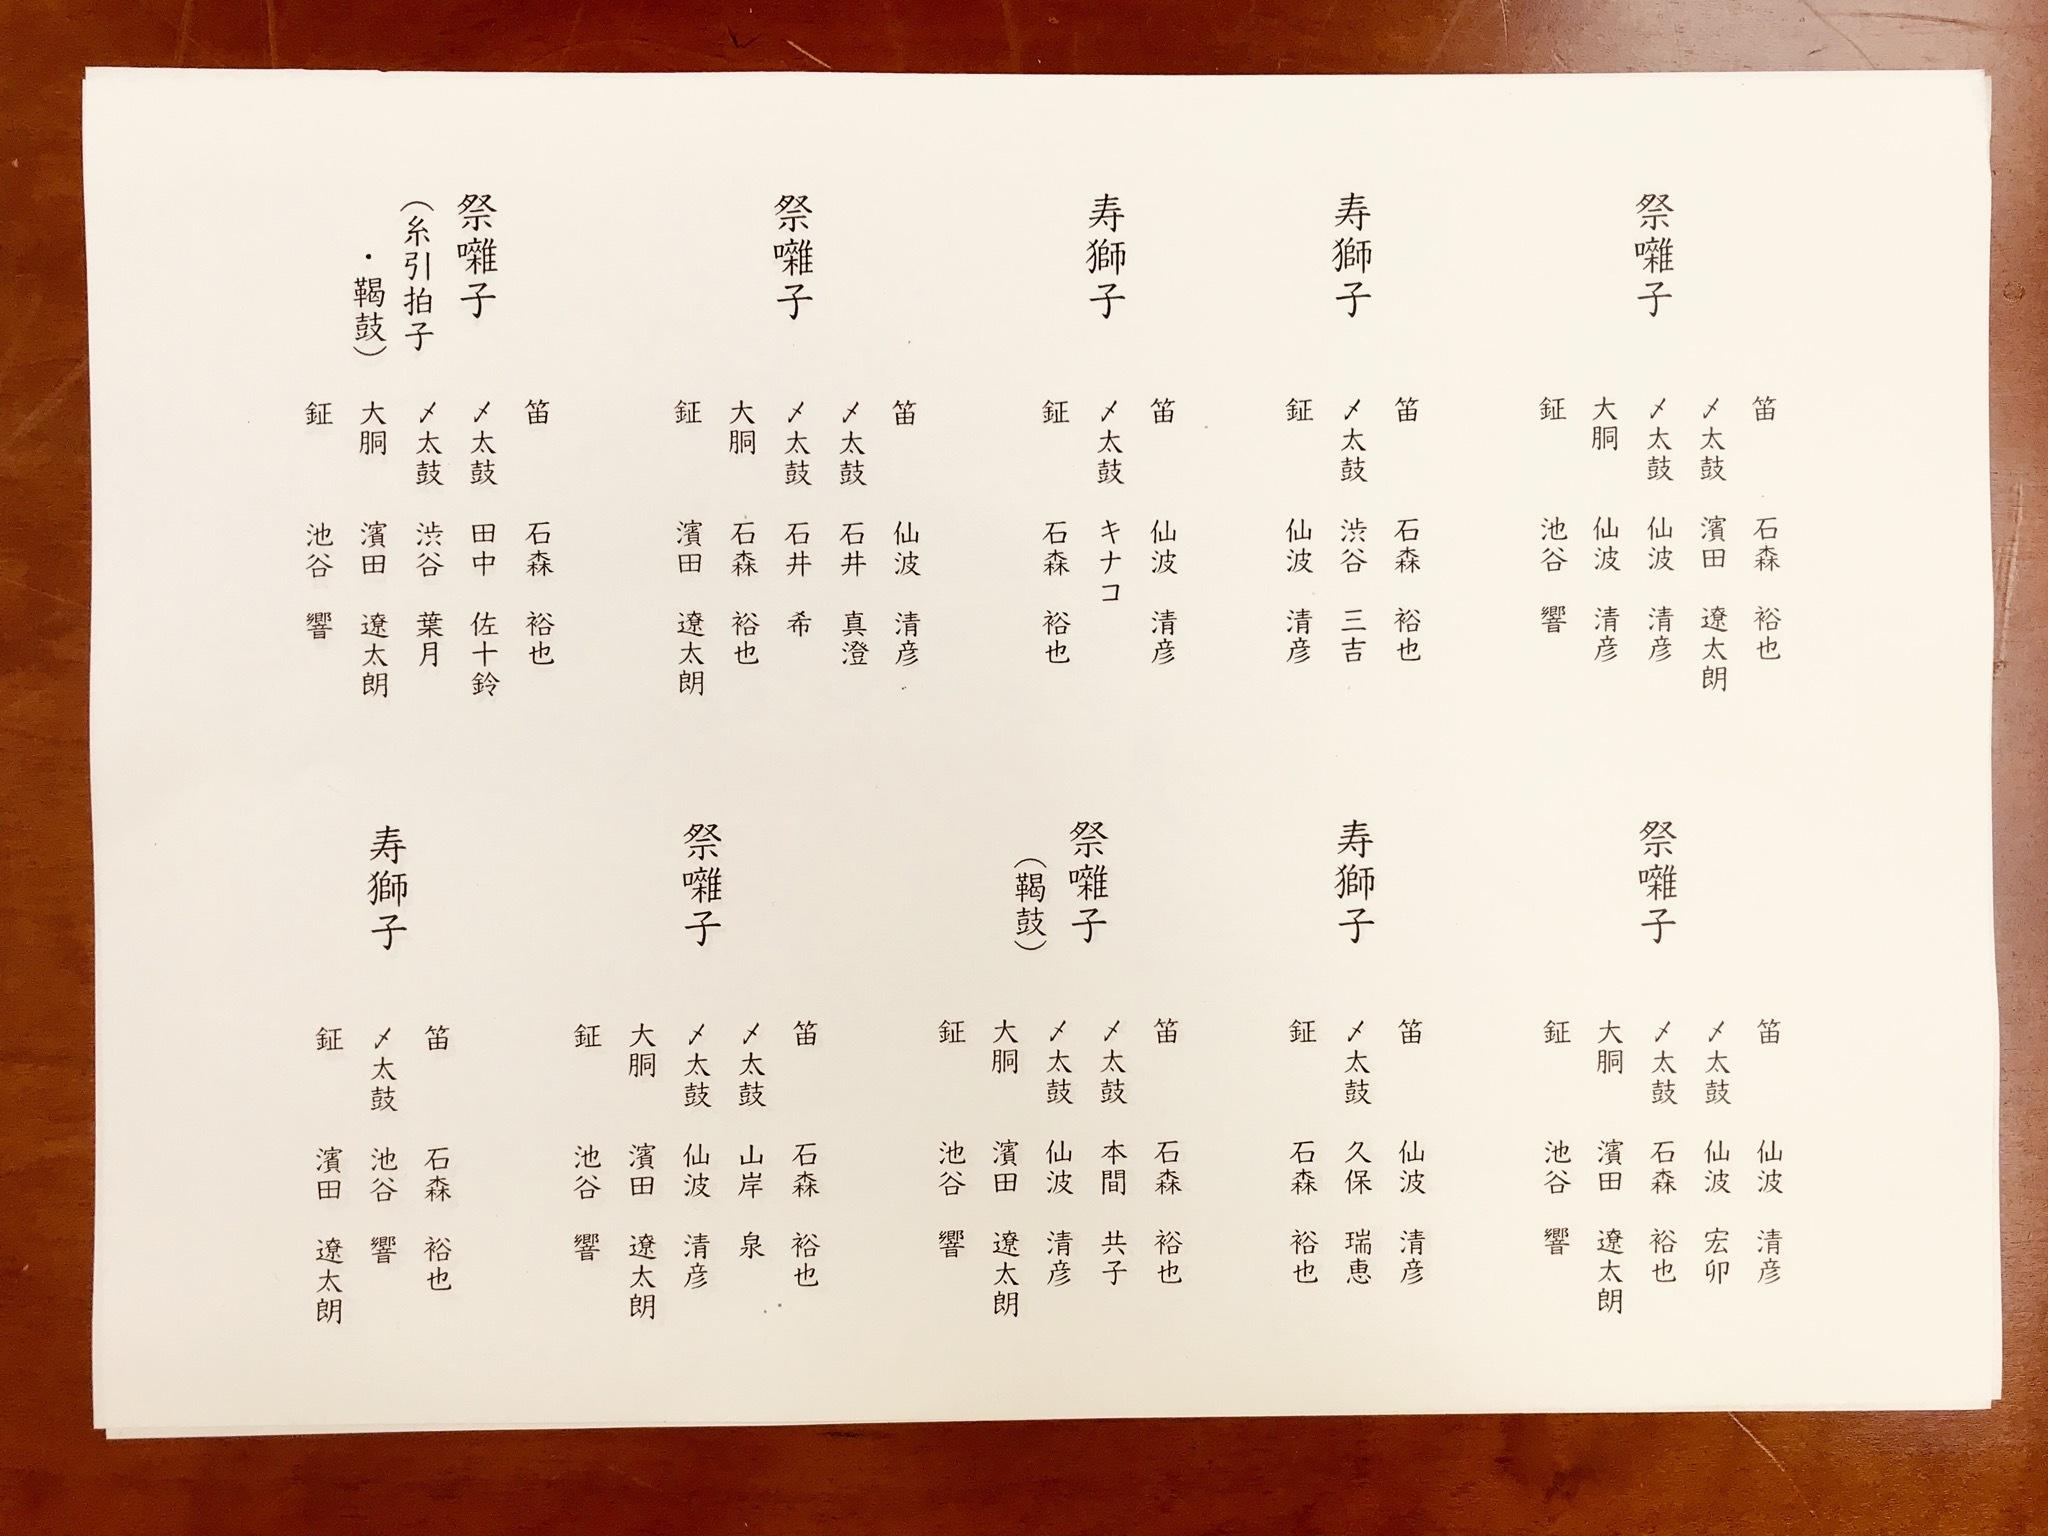 【邦楽キナコ録 24】仙波会おさらい会_f0115311_03480199.jpeg